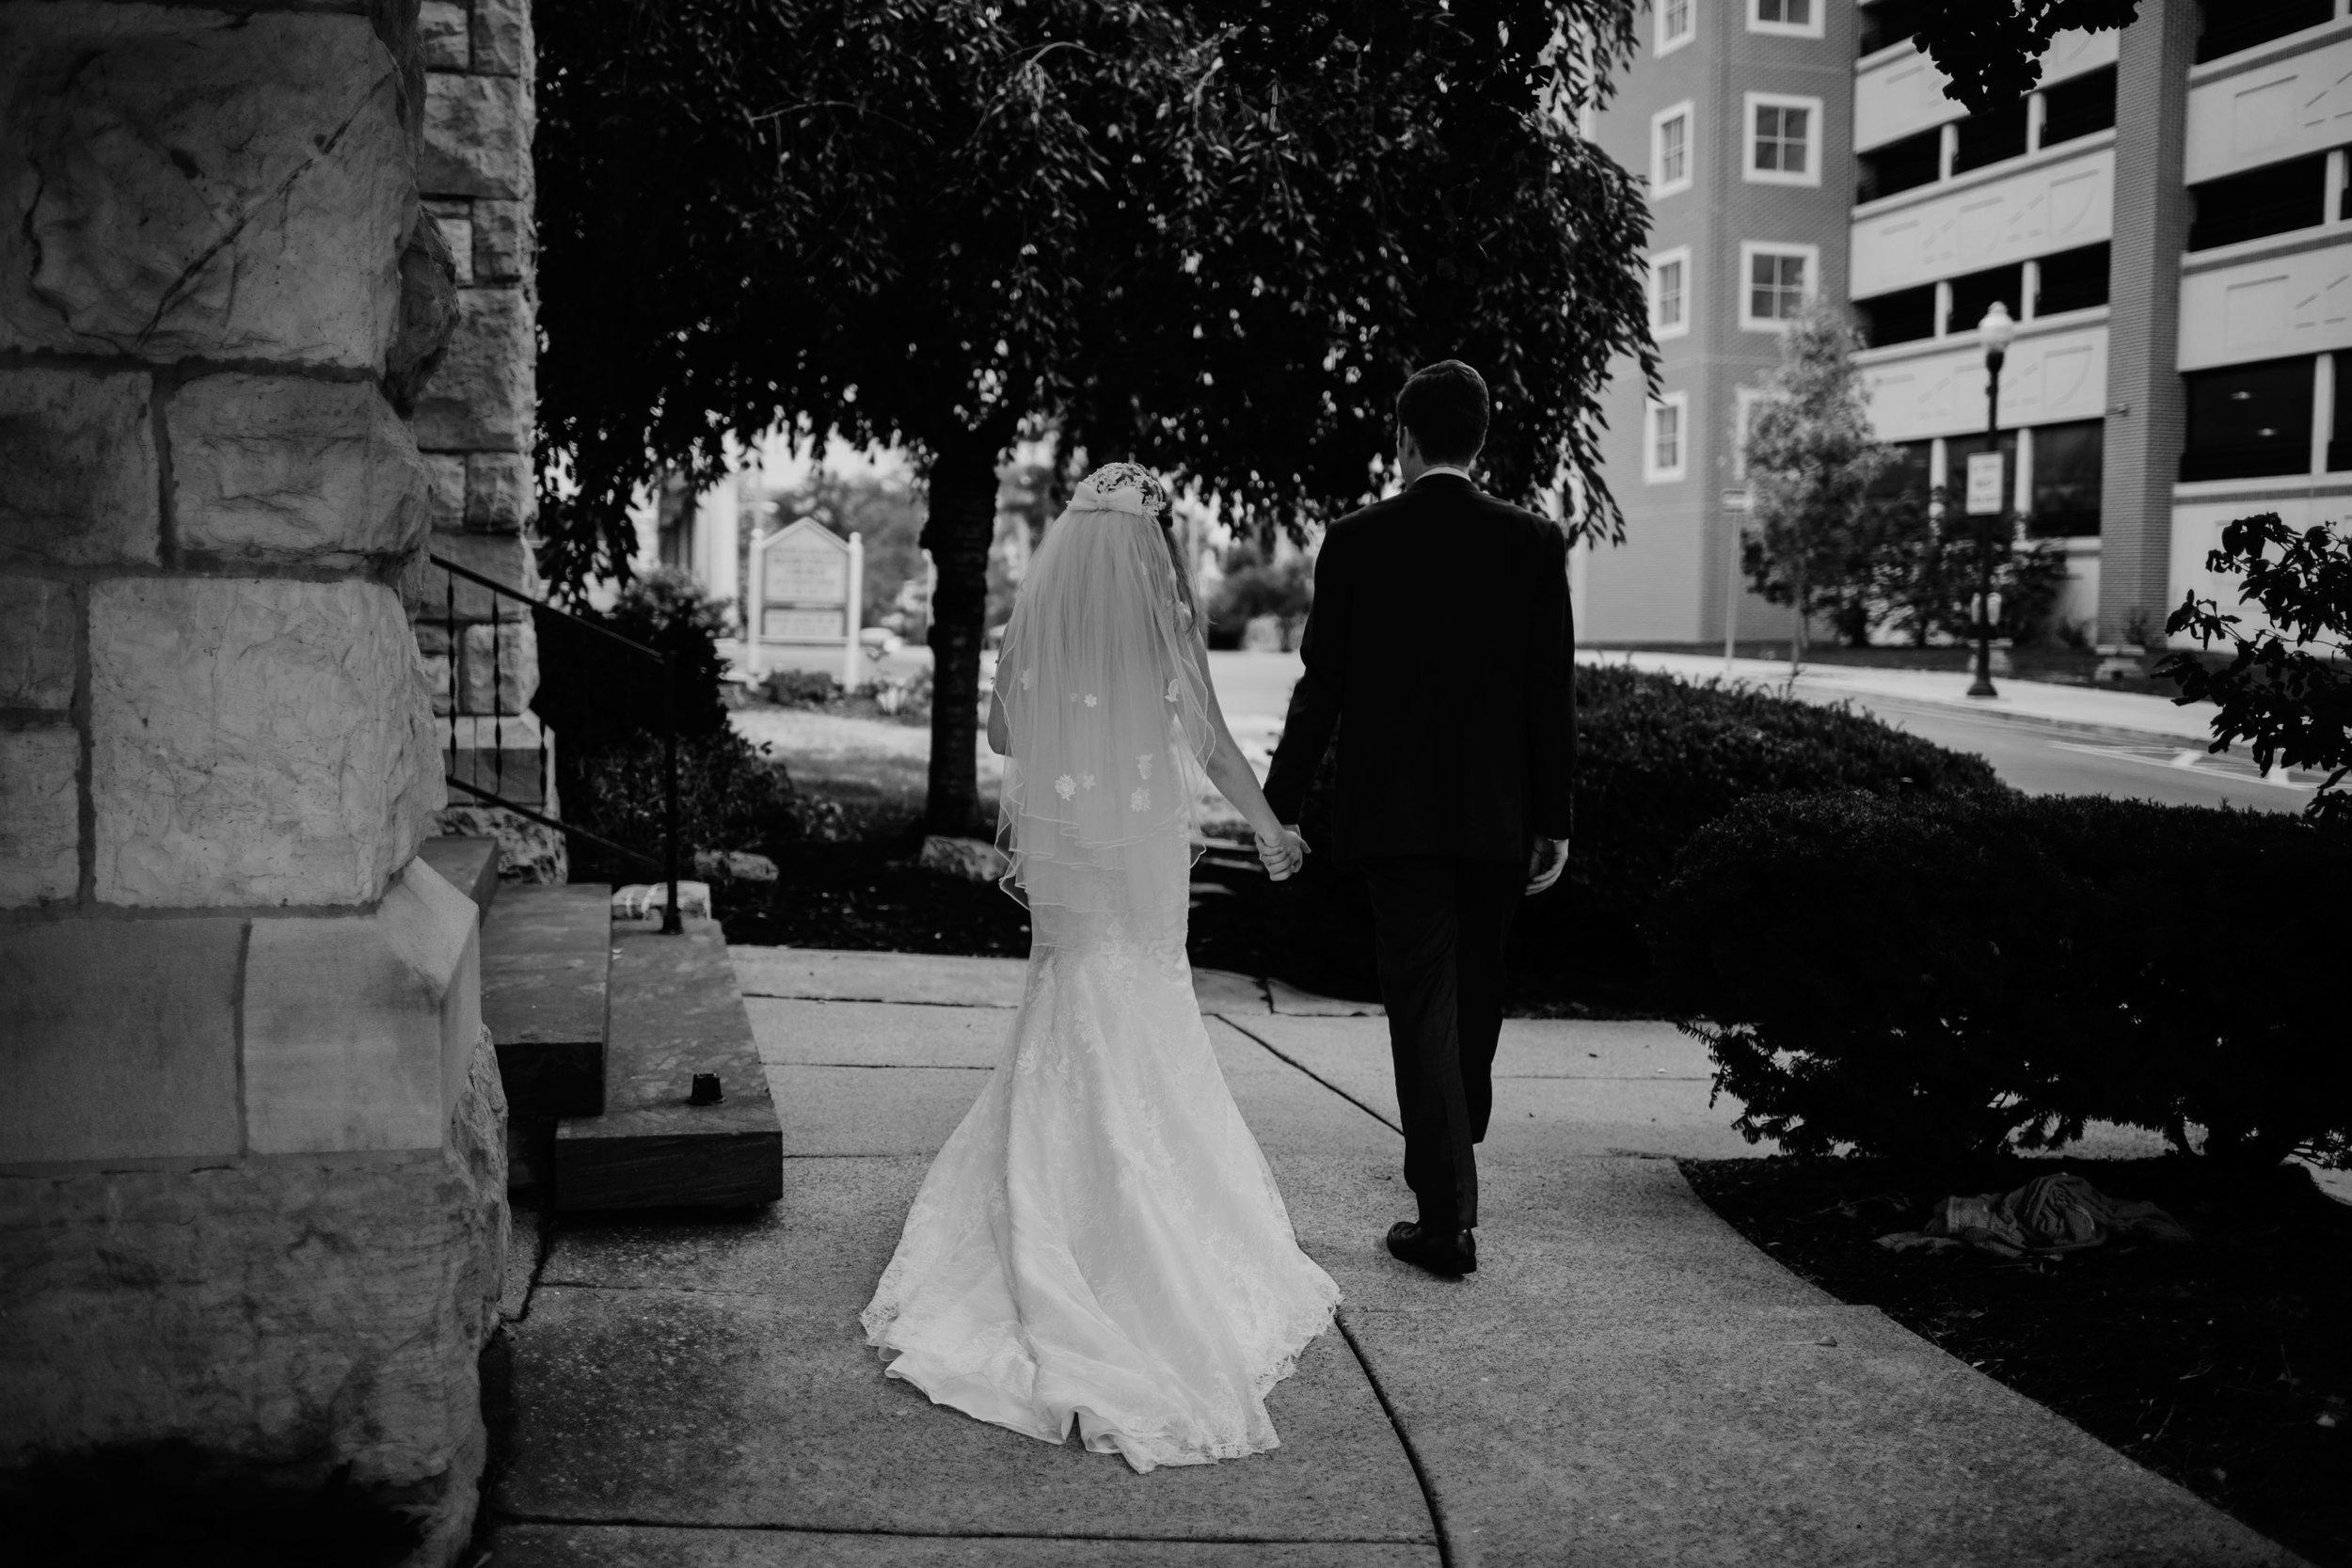 ALICIAandPETER-bridegroomchurch (6 of 15).jpg